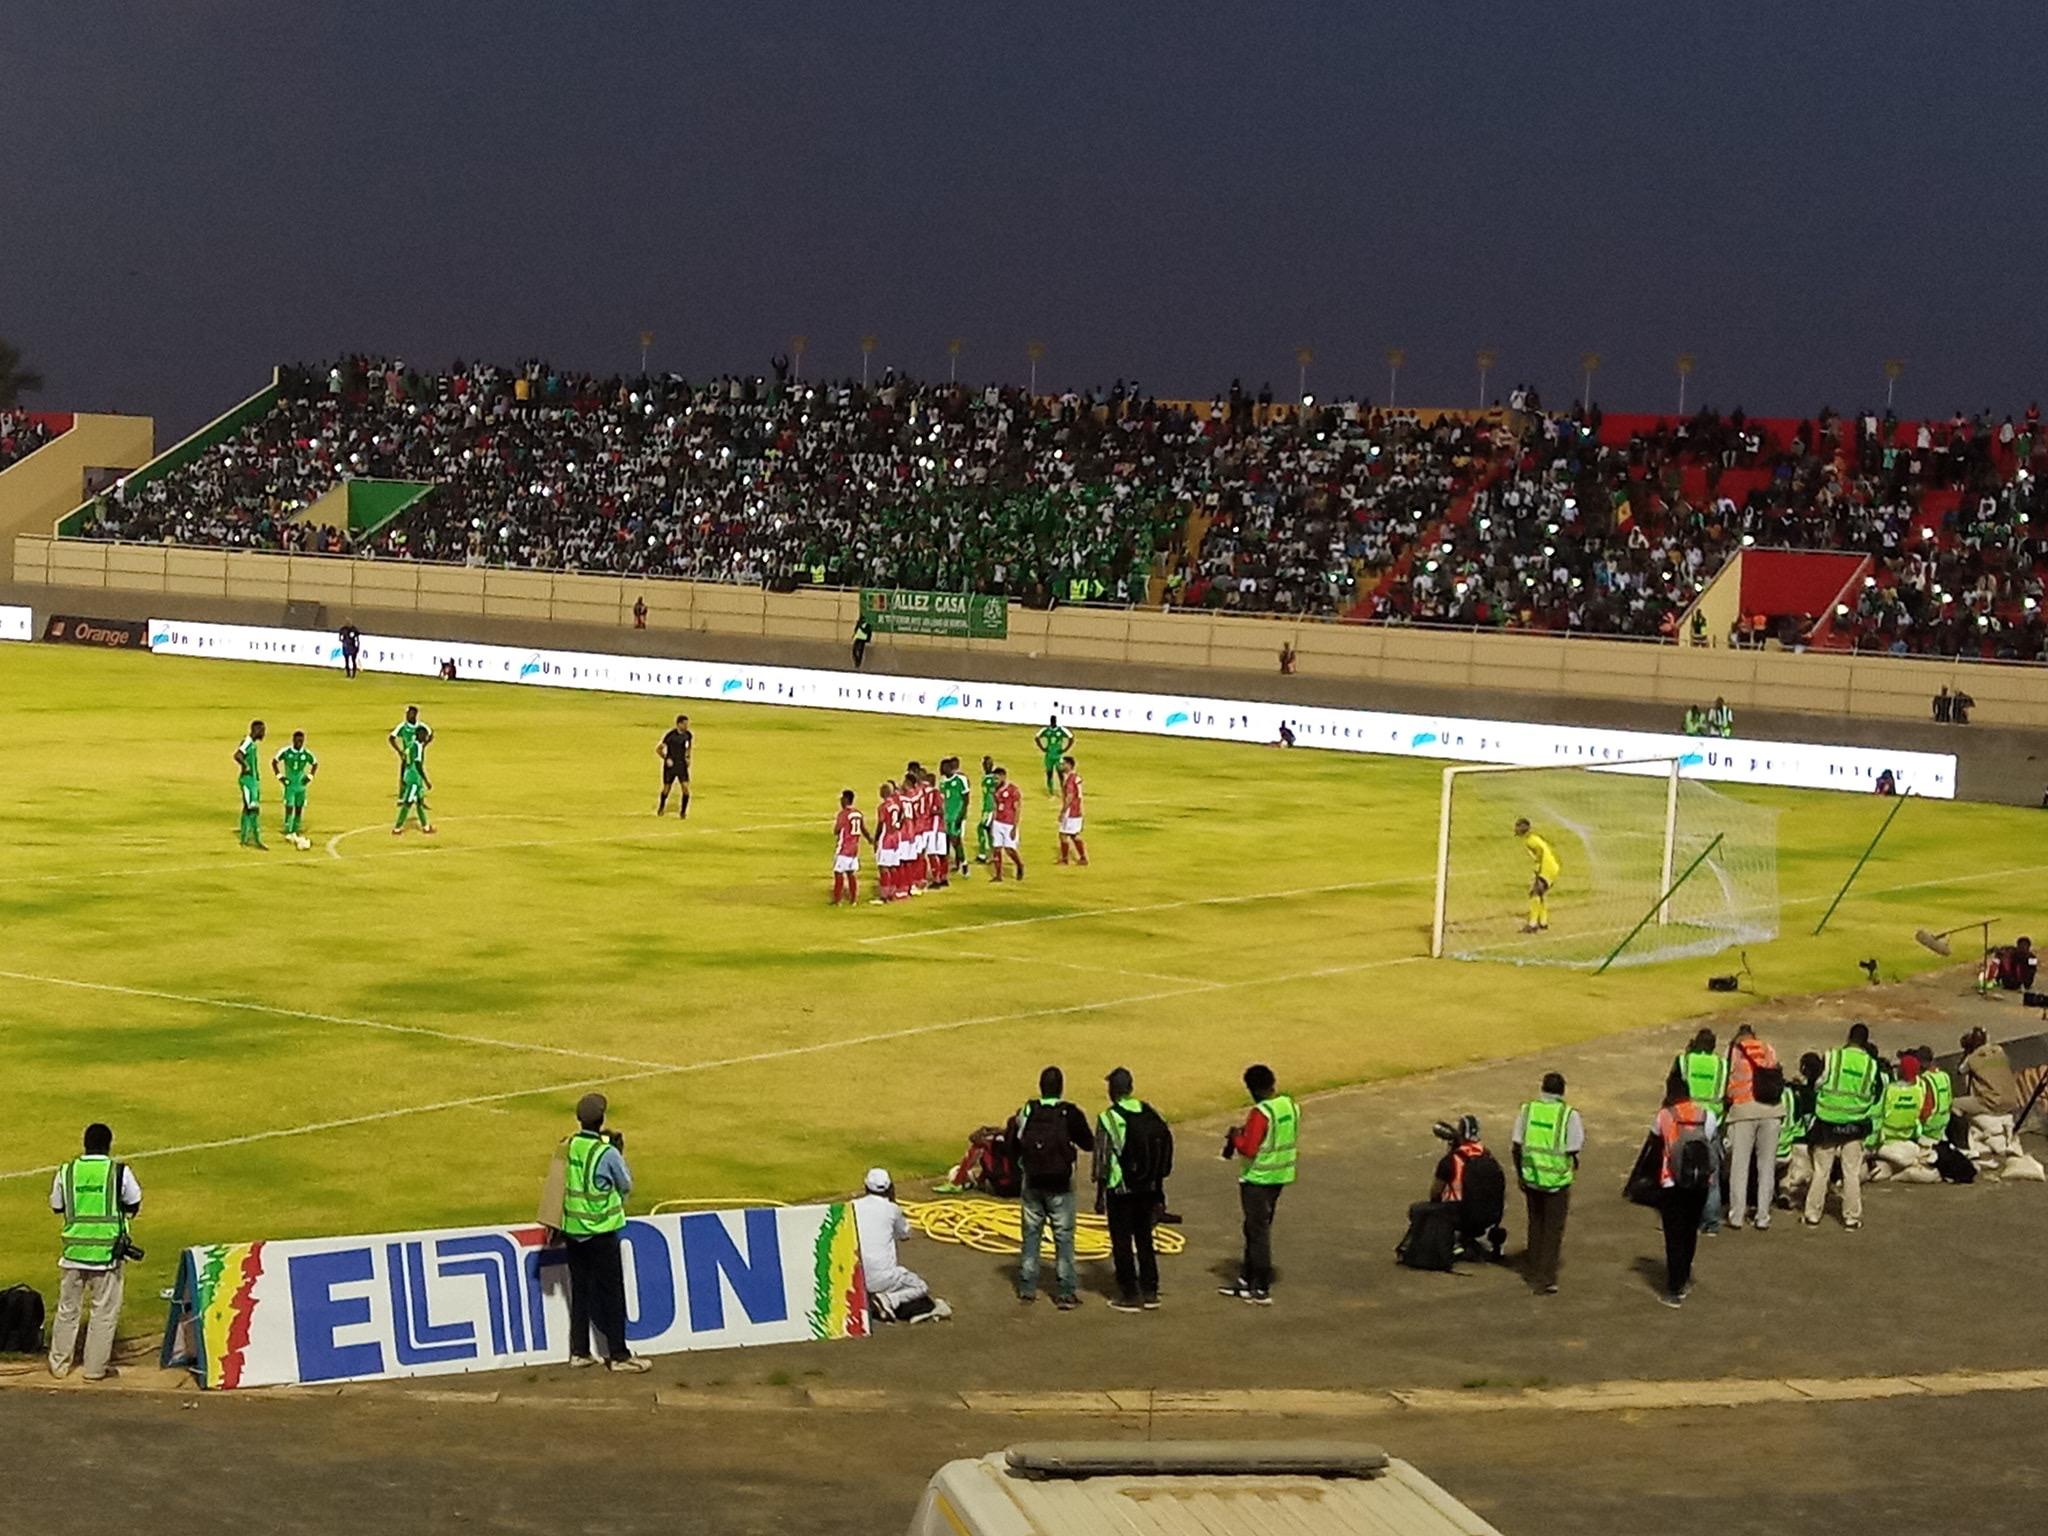 Le Sénégal mène 1-0 à la mi-temps contre Madagascar grâce à un but de Mbaye Niang